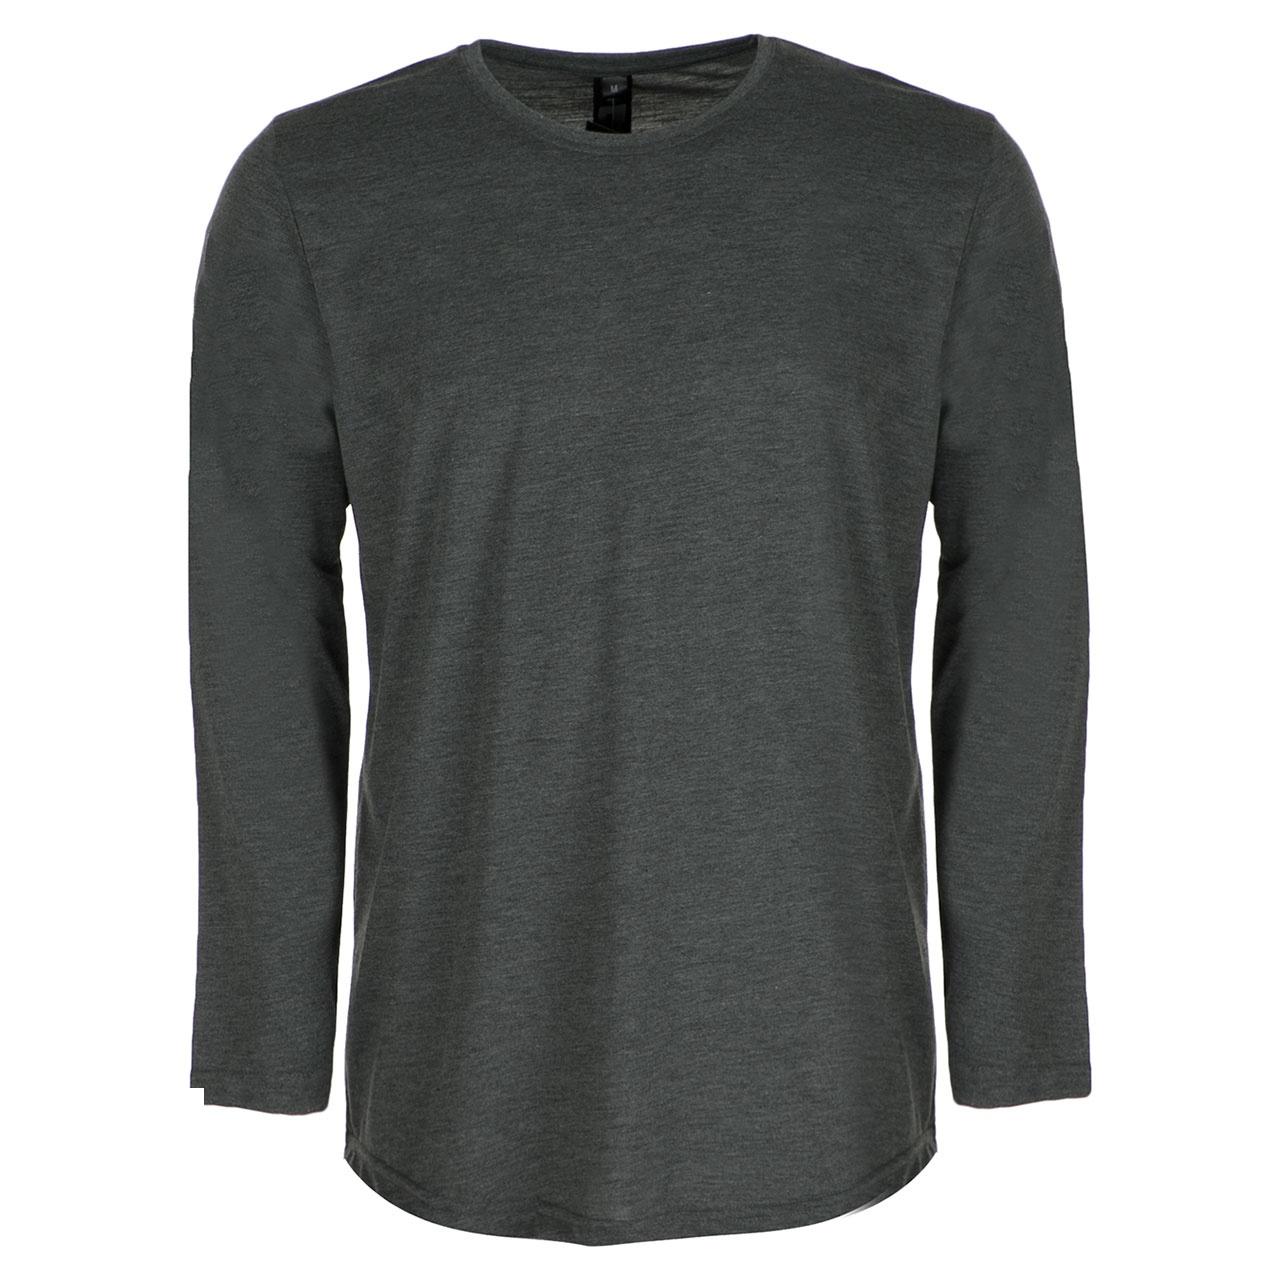 تی شرت مردانه آگرین مدل 1431120-94 - -آگرین